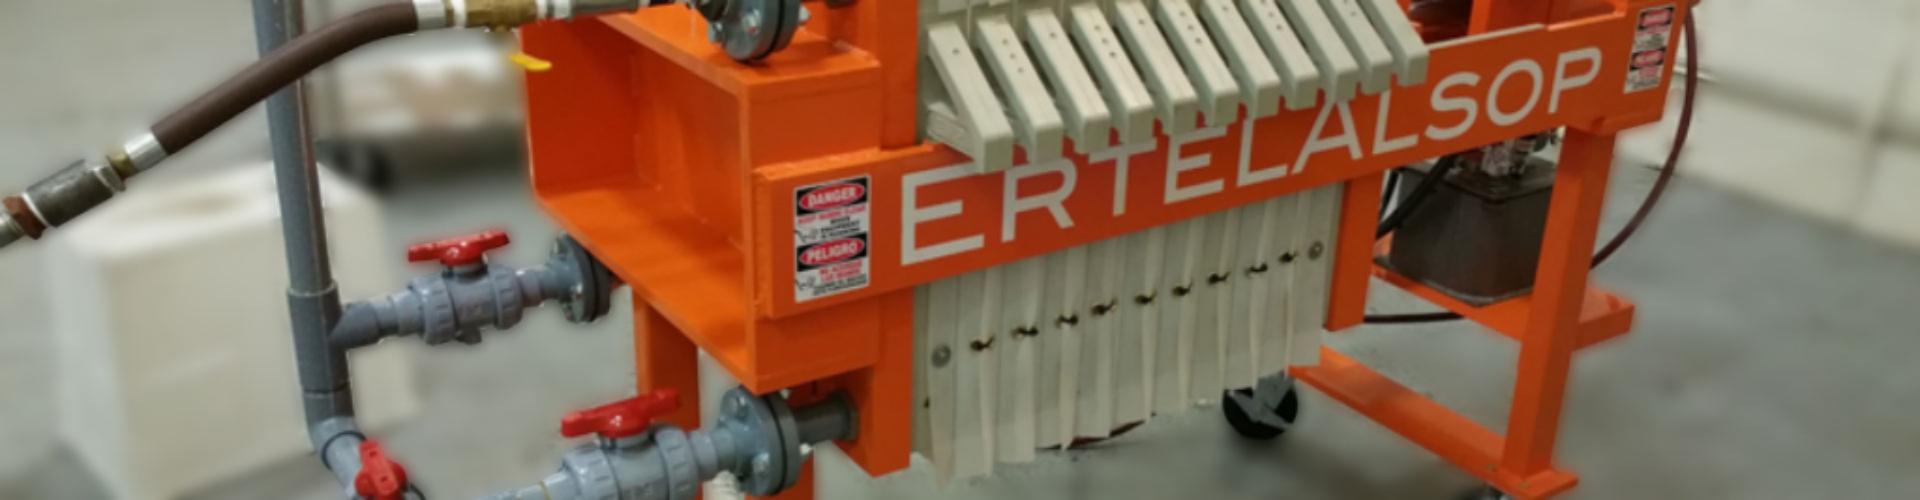 EA630_ErtelAlsop-1920x500_c